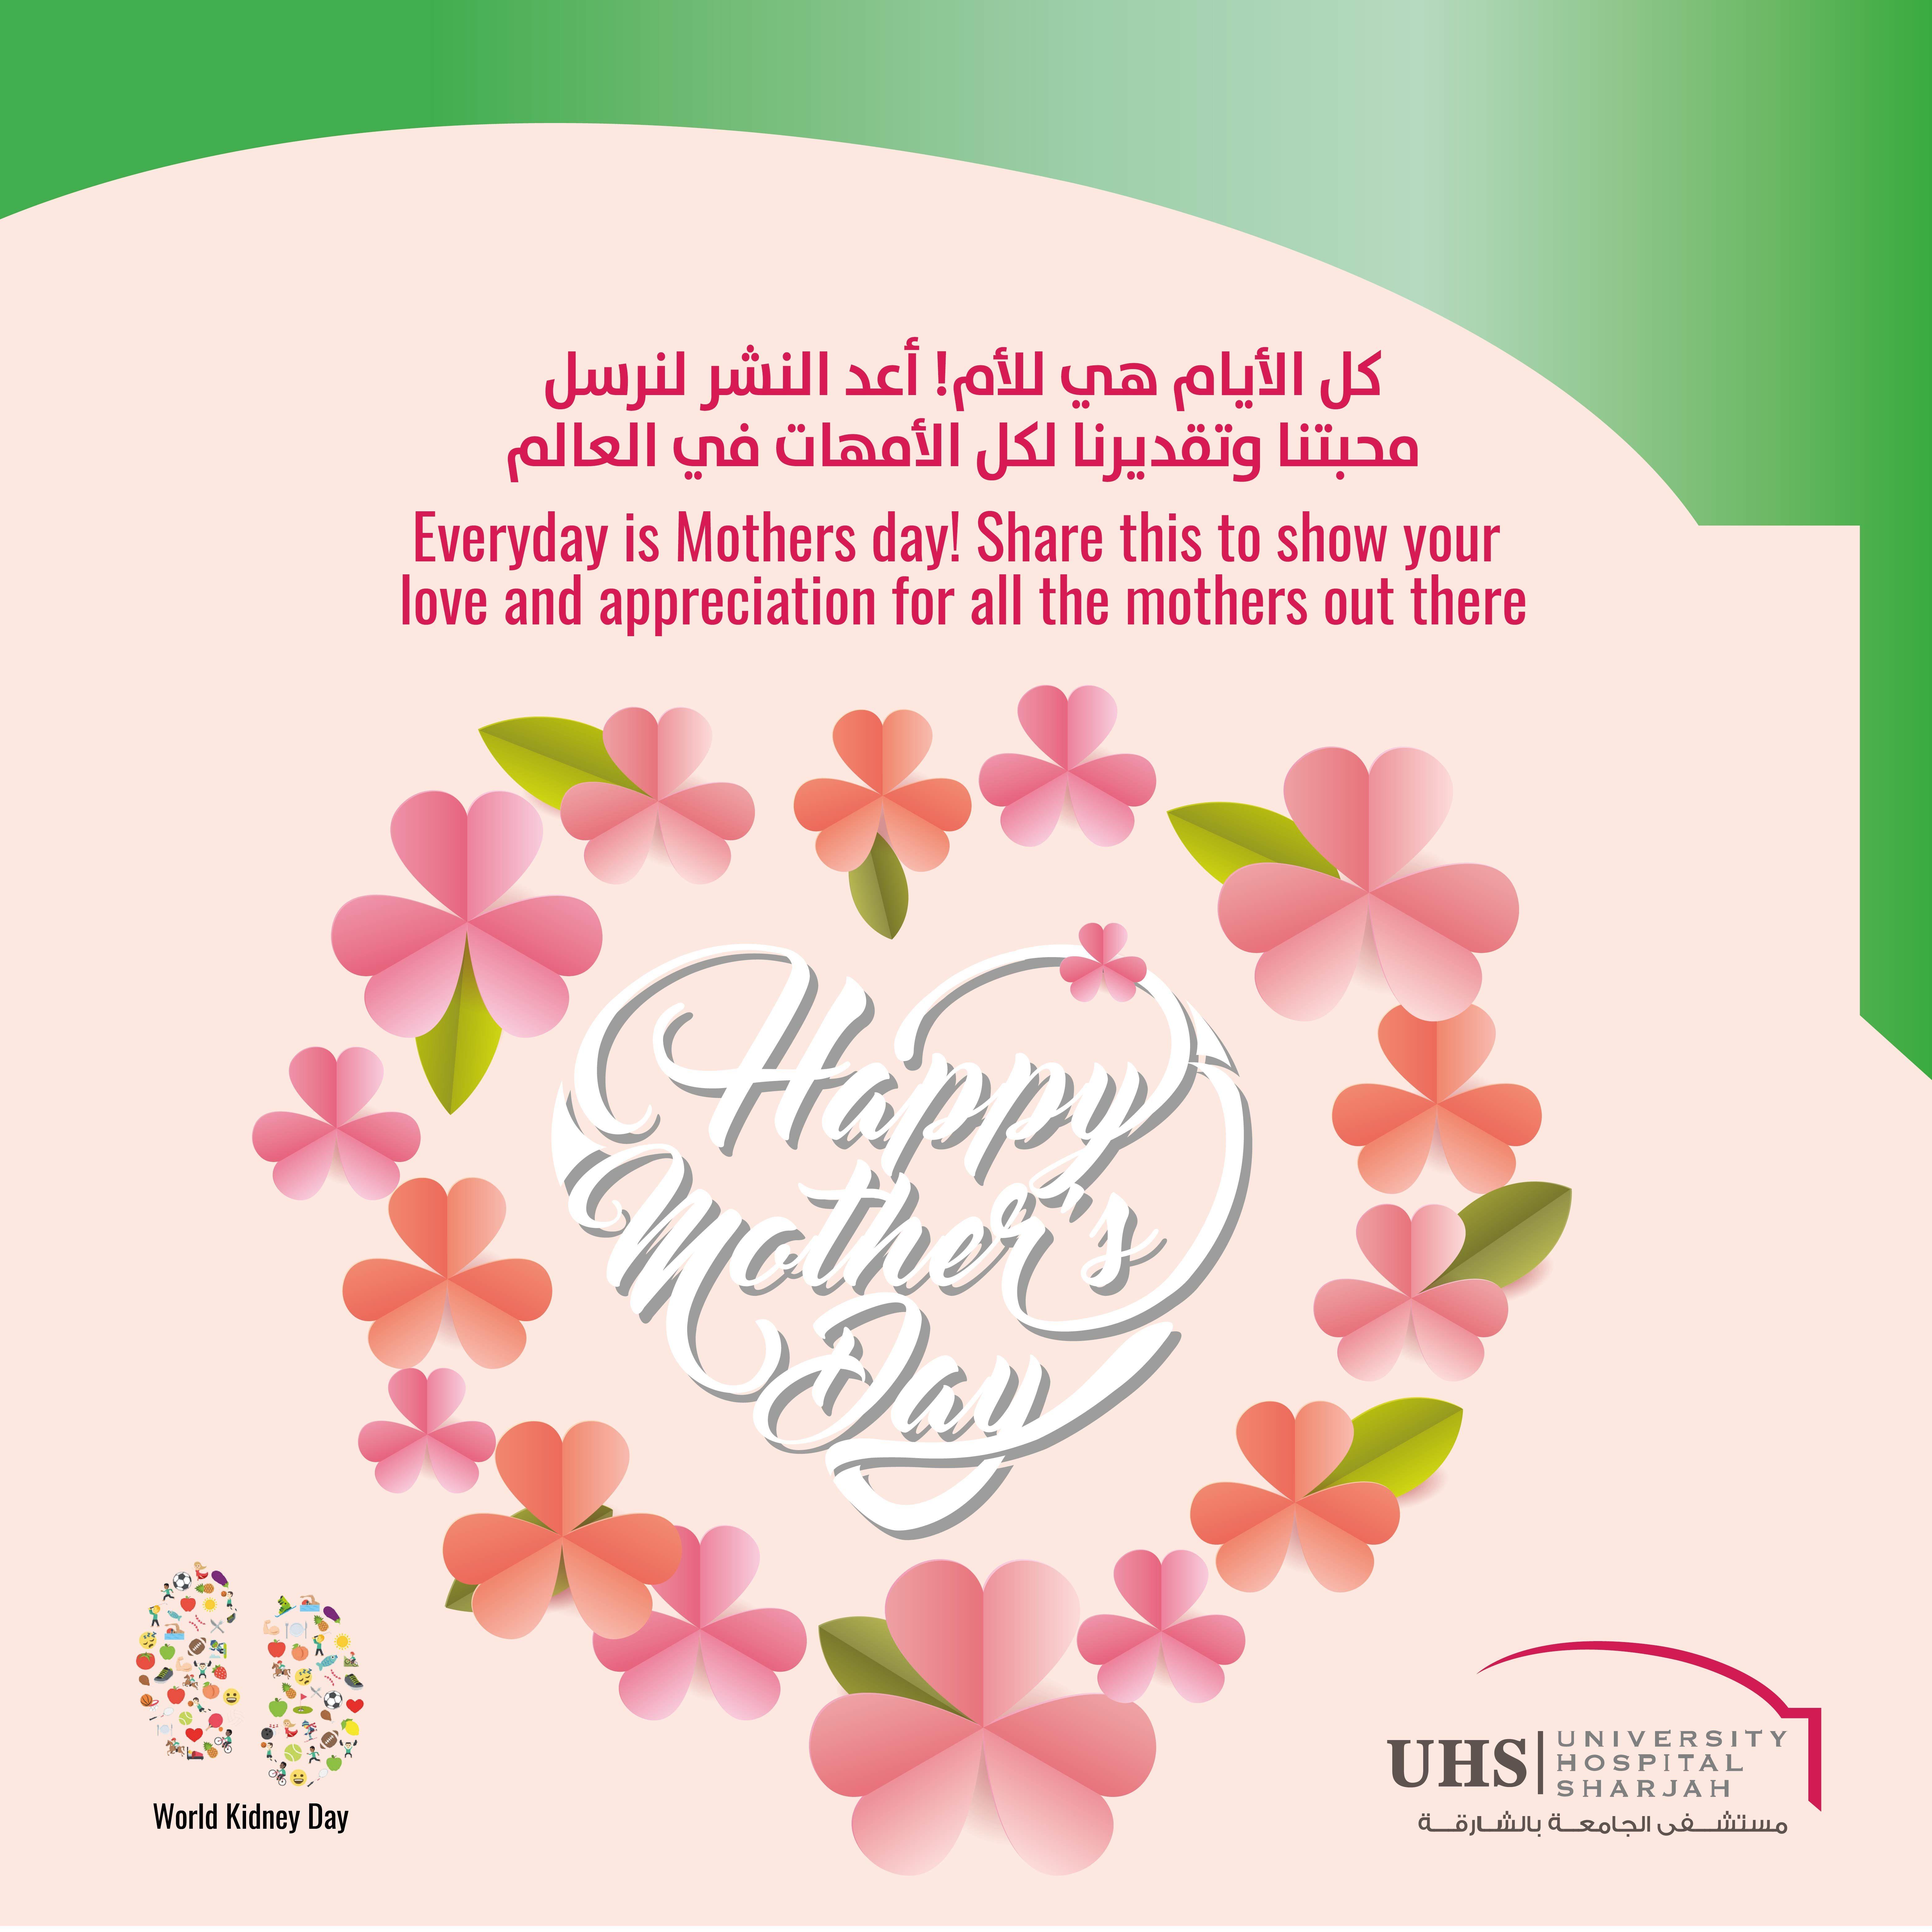 كل الأيام هي للأم أعد النشر لنرسل محبتنا وتقديرنا لكل الأمهات في العالم Every Day Is Mothers Day Share This To Show Yo Awareness Month Awareness Mothers Day